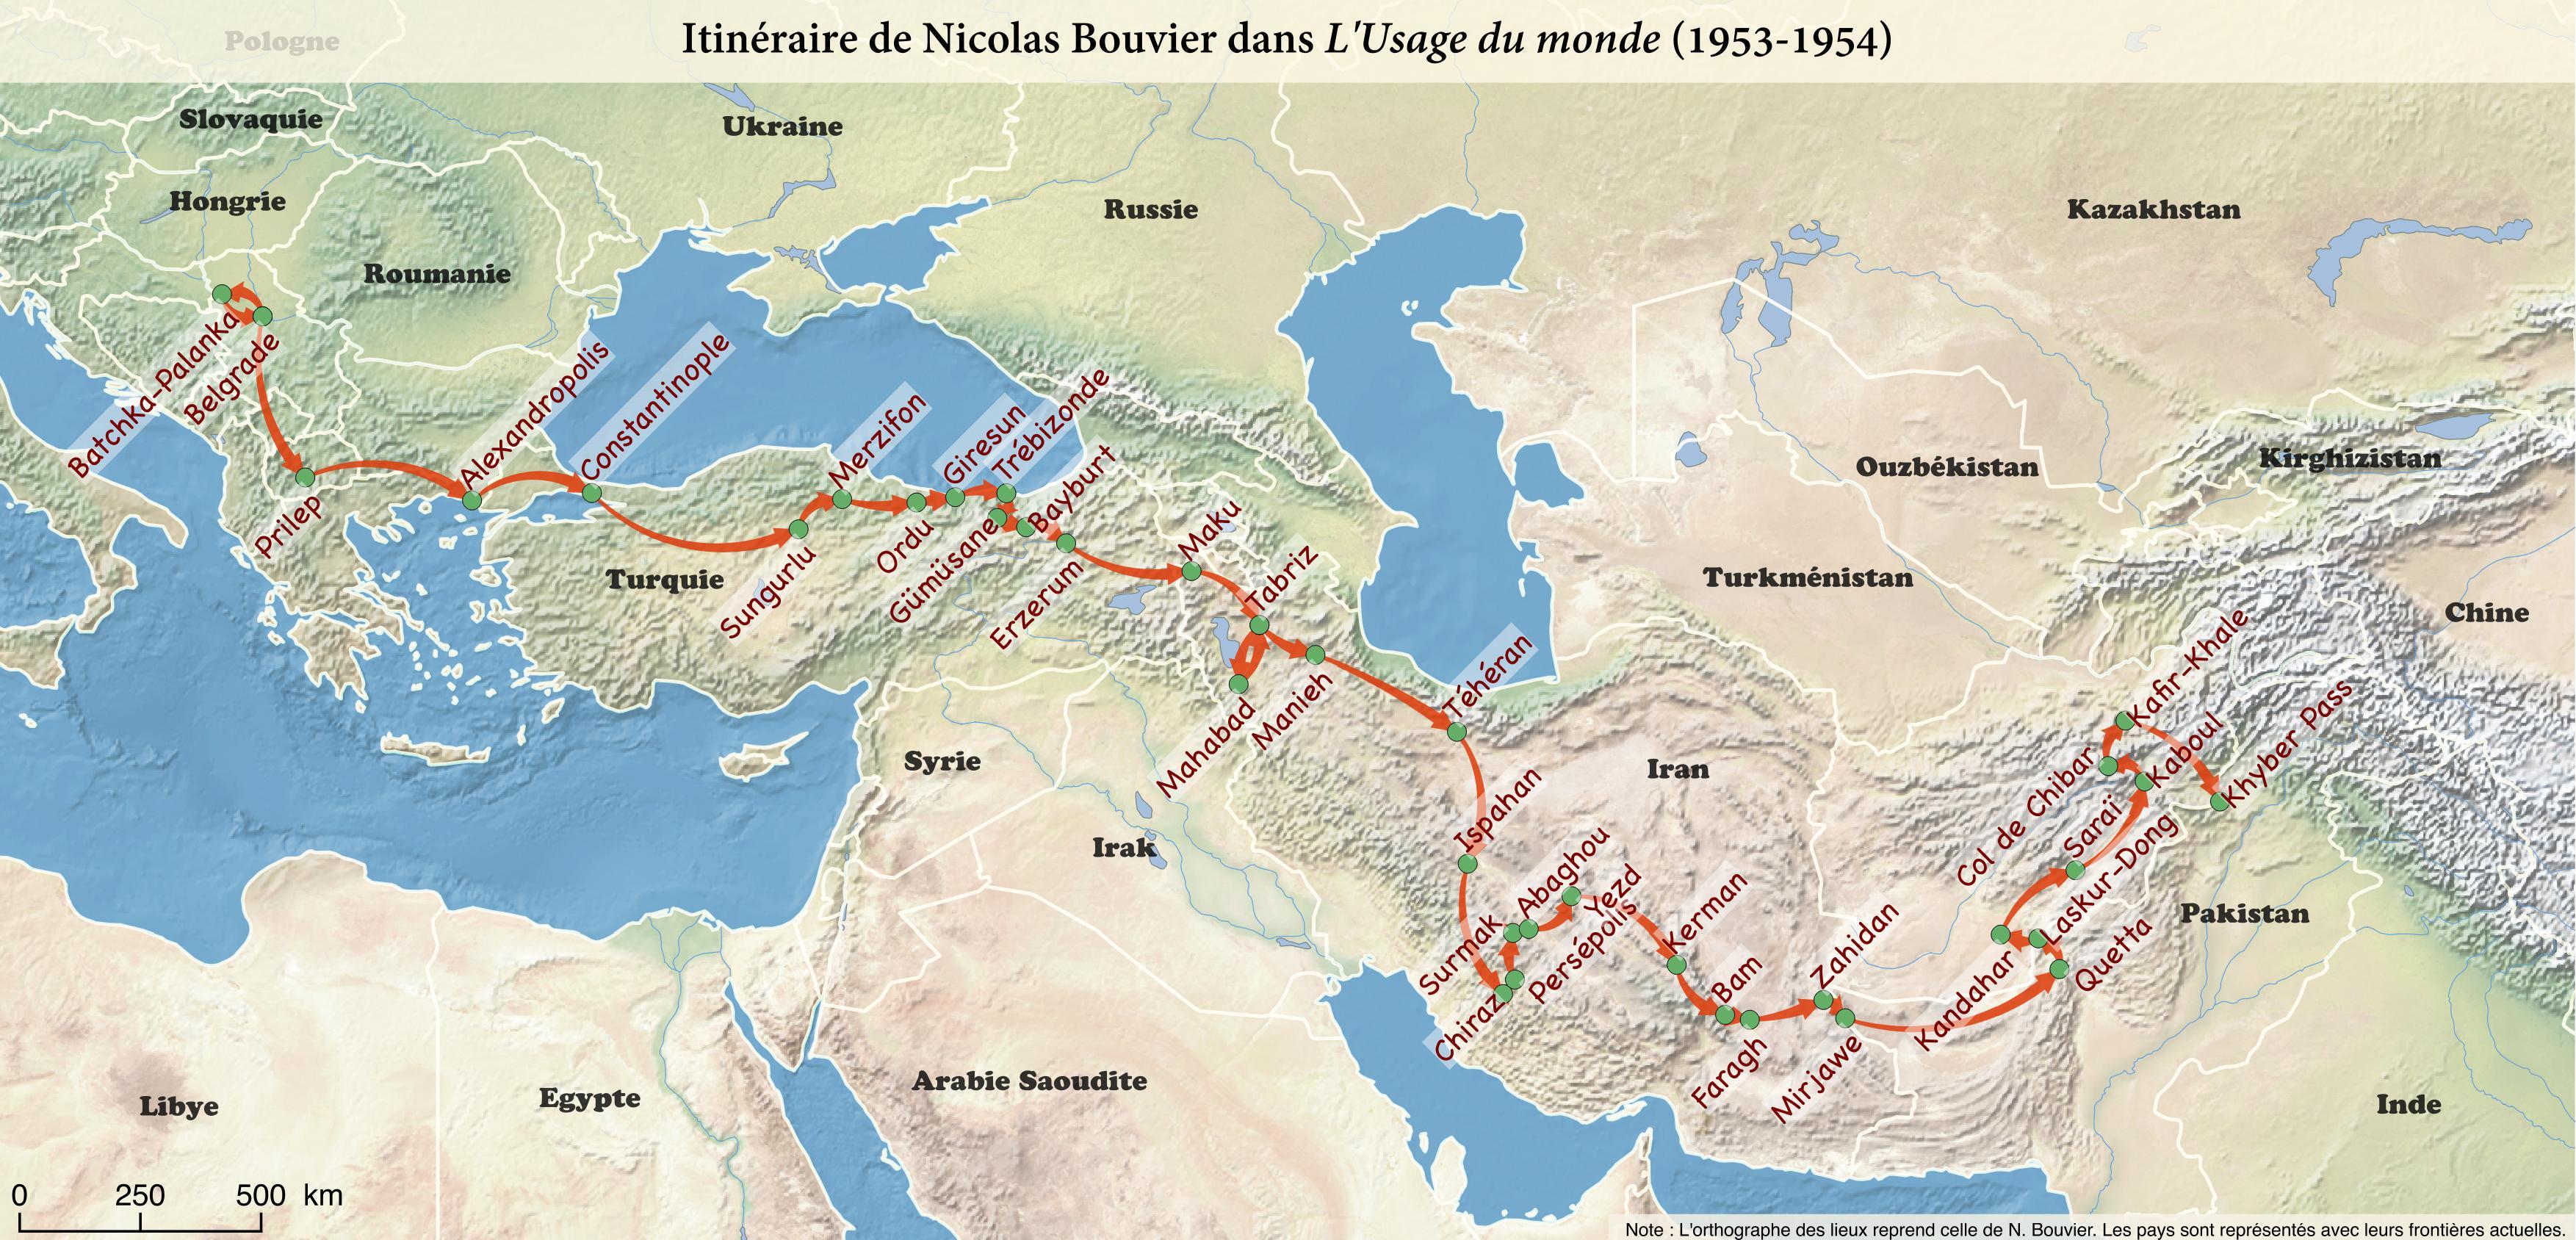 File:Carte du voyage de Nicolas Bouvier dans L'Usage du monde.